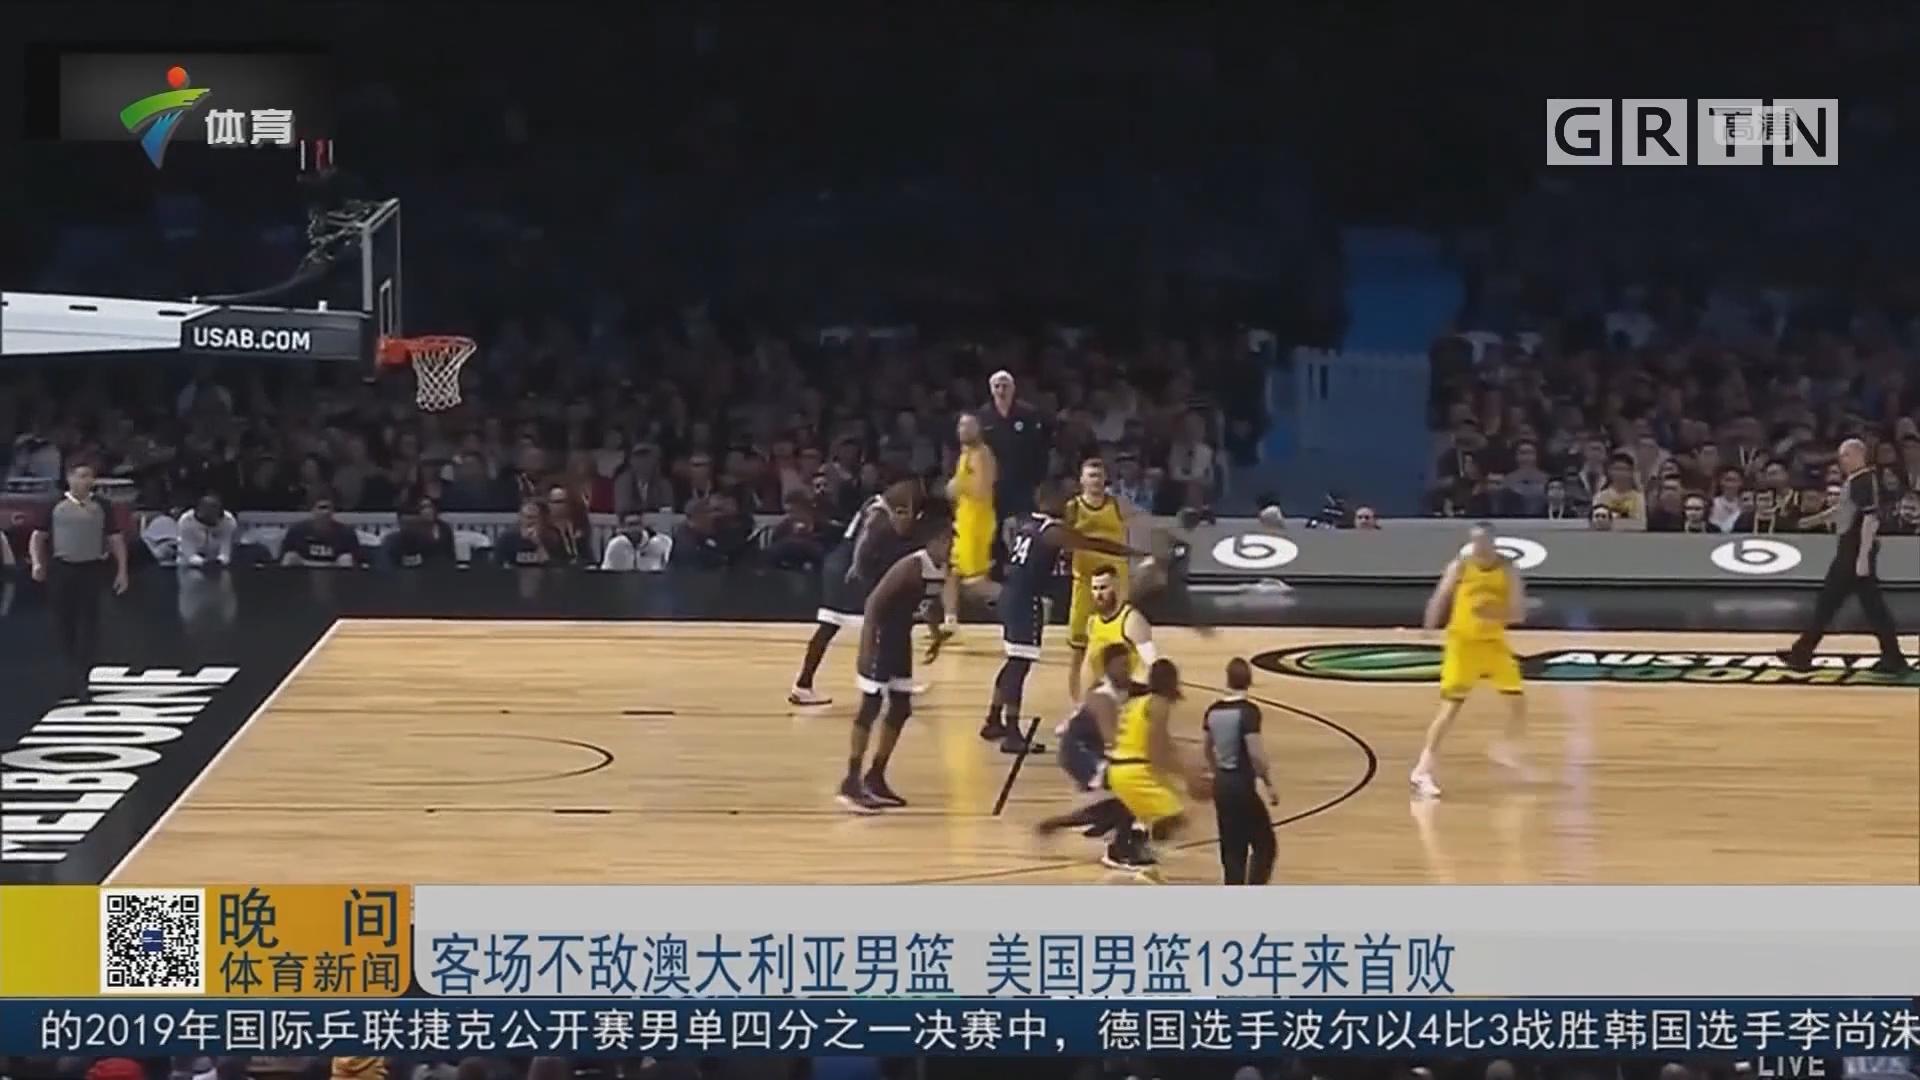 客场不敌澳大利亚男篮 美国男篮13年来首败